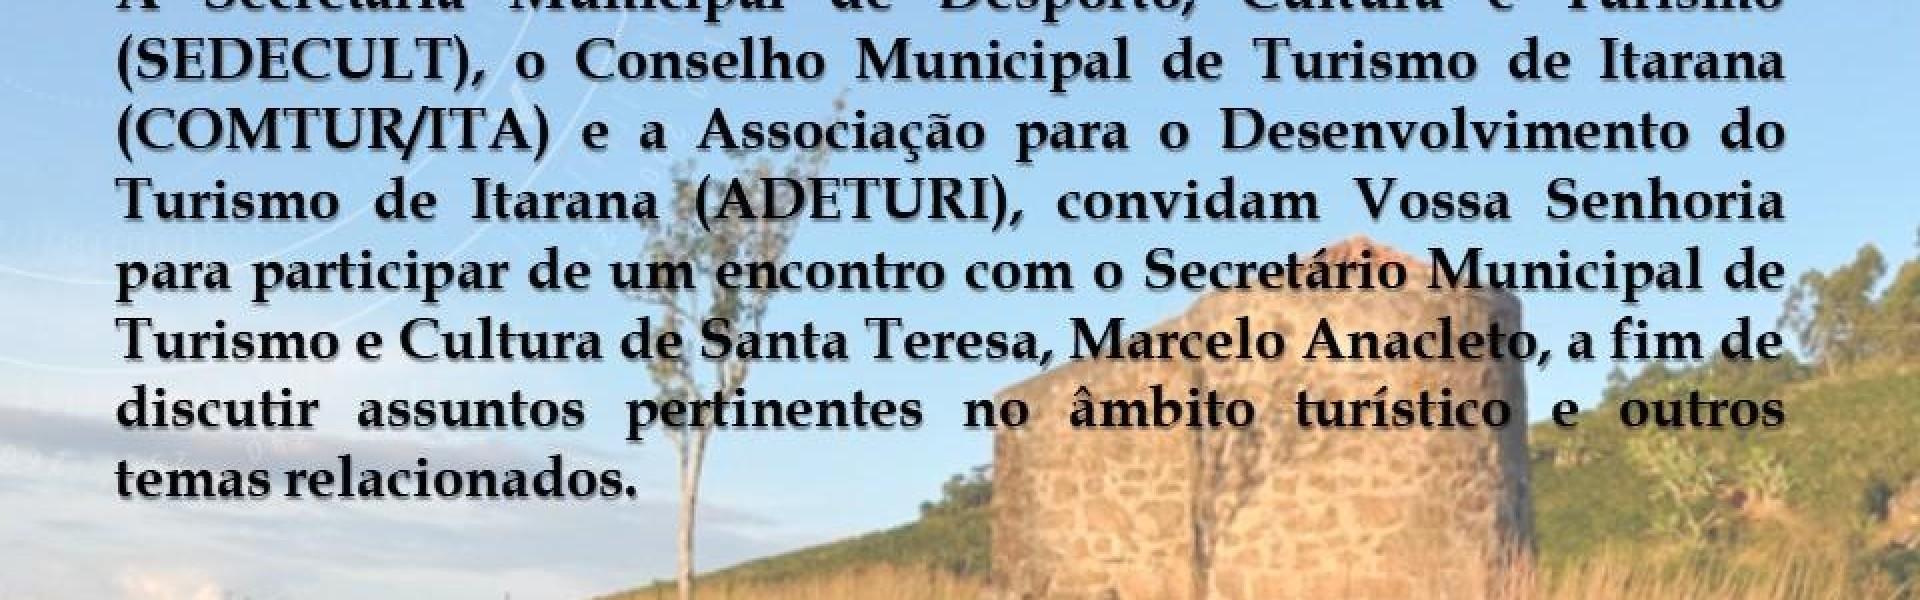 Palestra vai abordar ações voltadas para o desenvolvimento do turismo